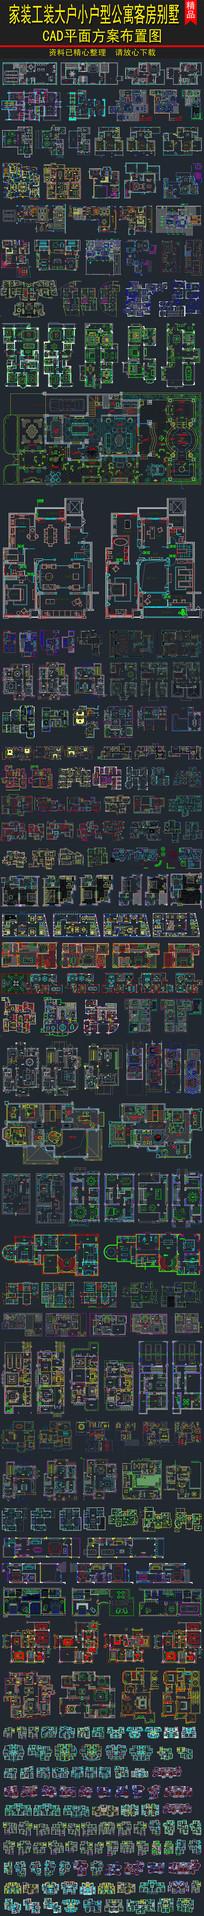 大师家装工装方案布置CAD